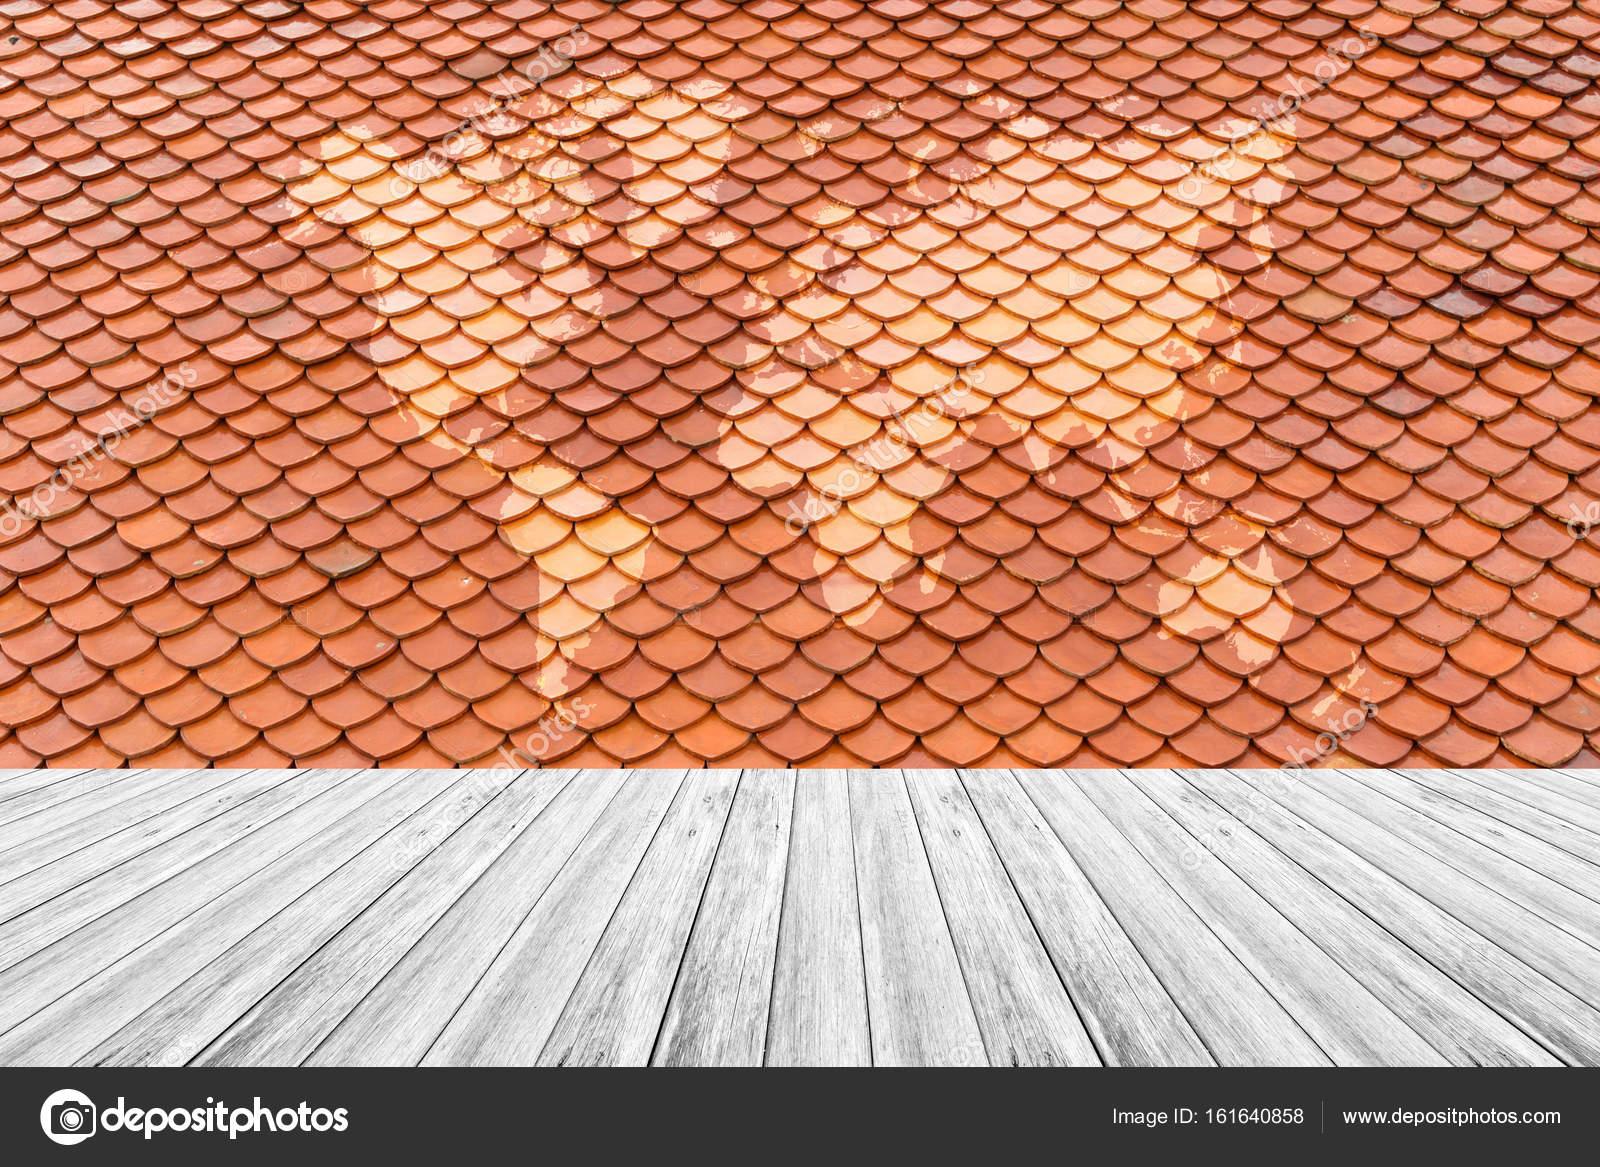 Texture De Toit De Tuile Avec Terrasse Bois Blanc Et De La